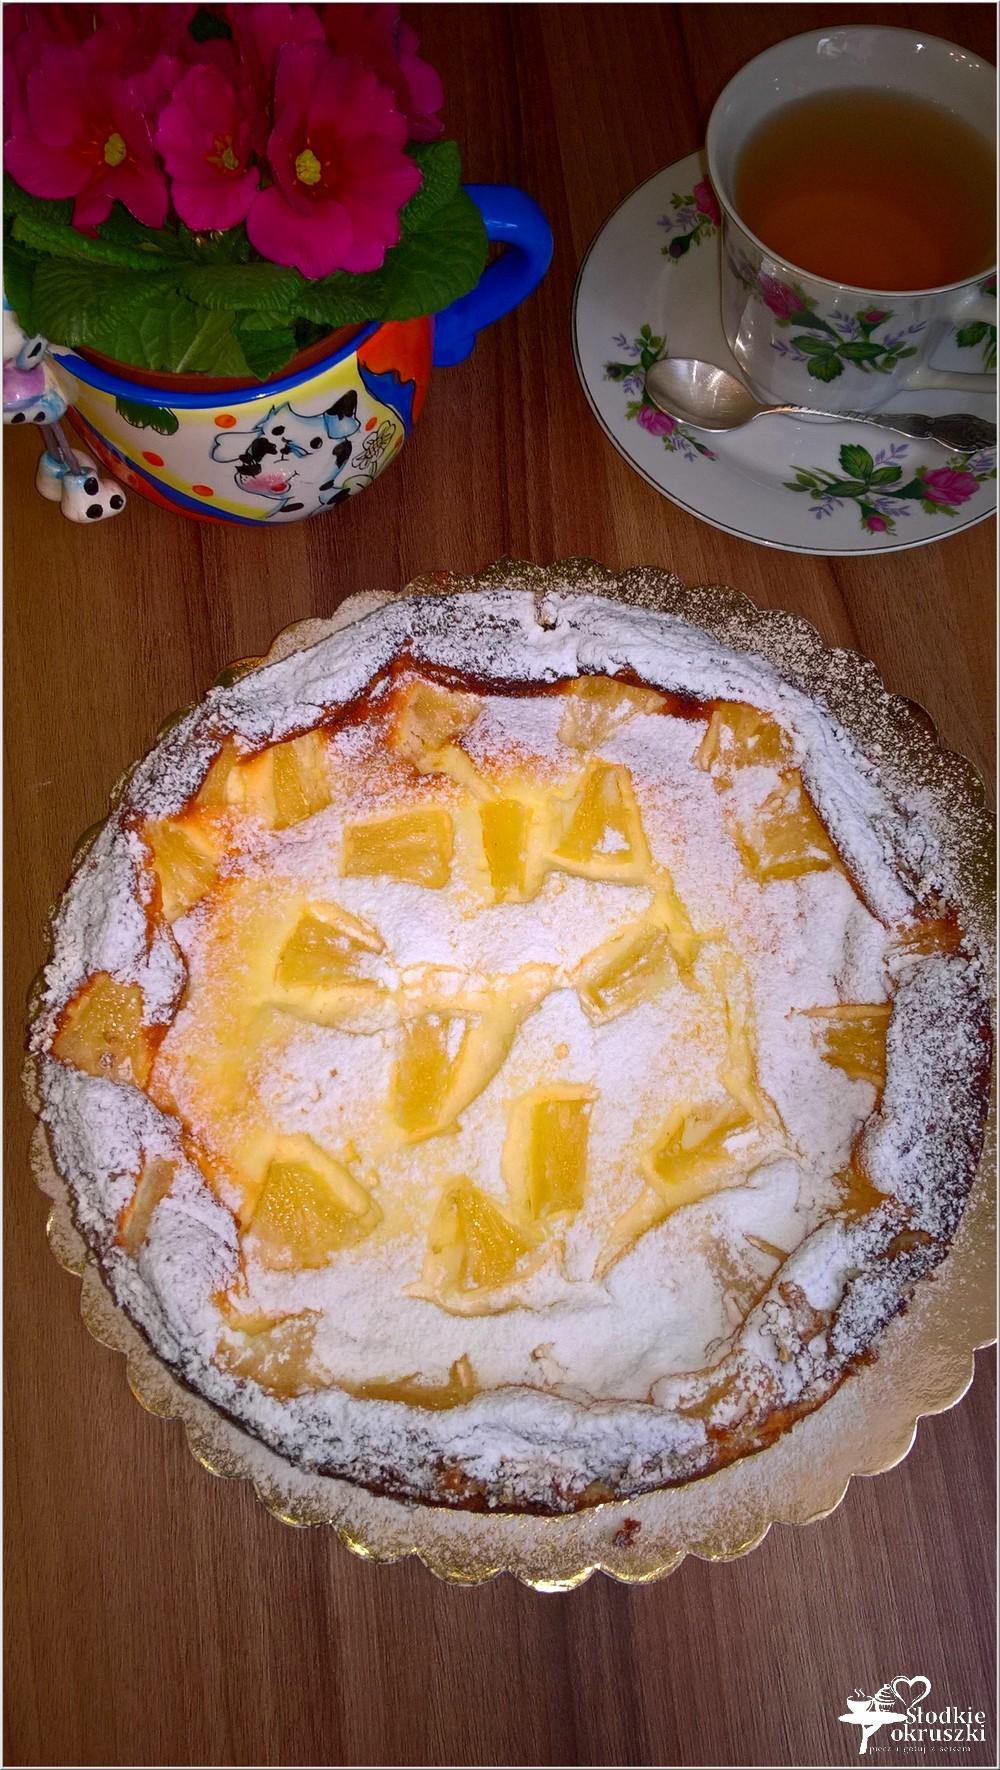 Sernik z ananasem na słonawym spodzie (7)